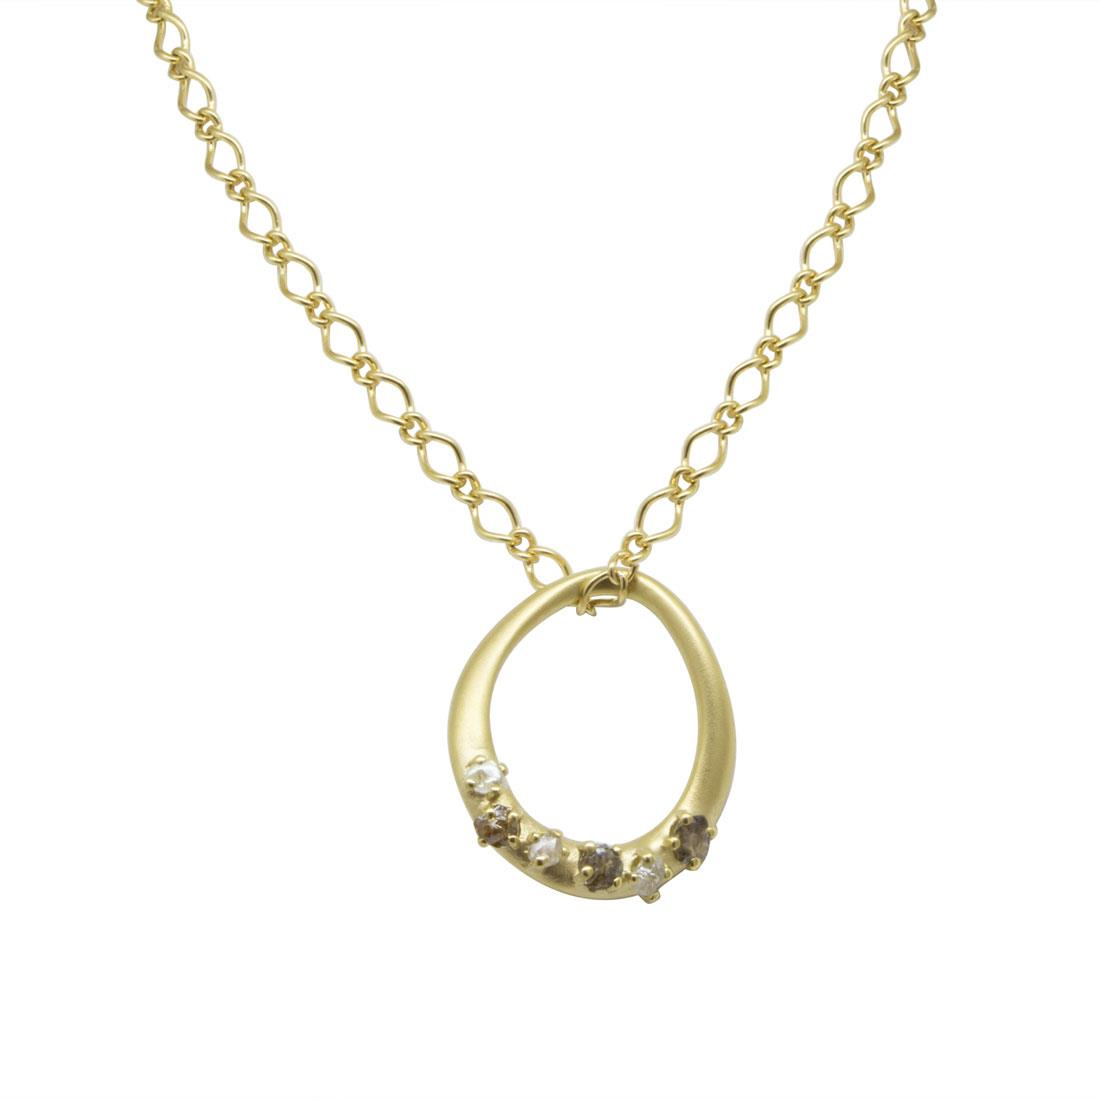 Collana in oro giallo con diamanti grezzi ct 1.10 - DAMIANI